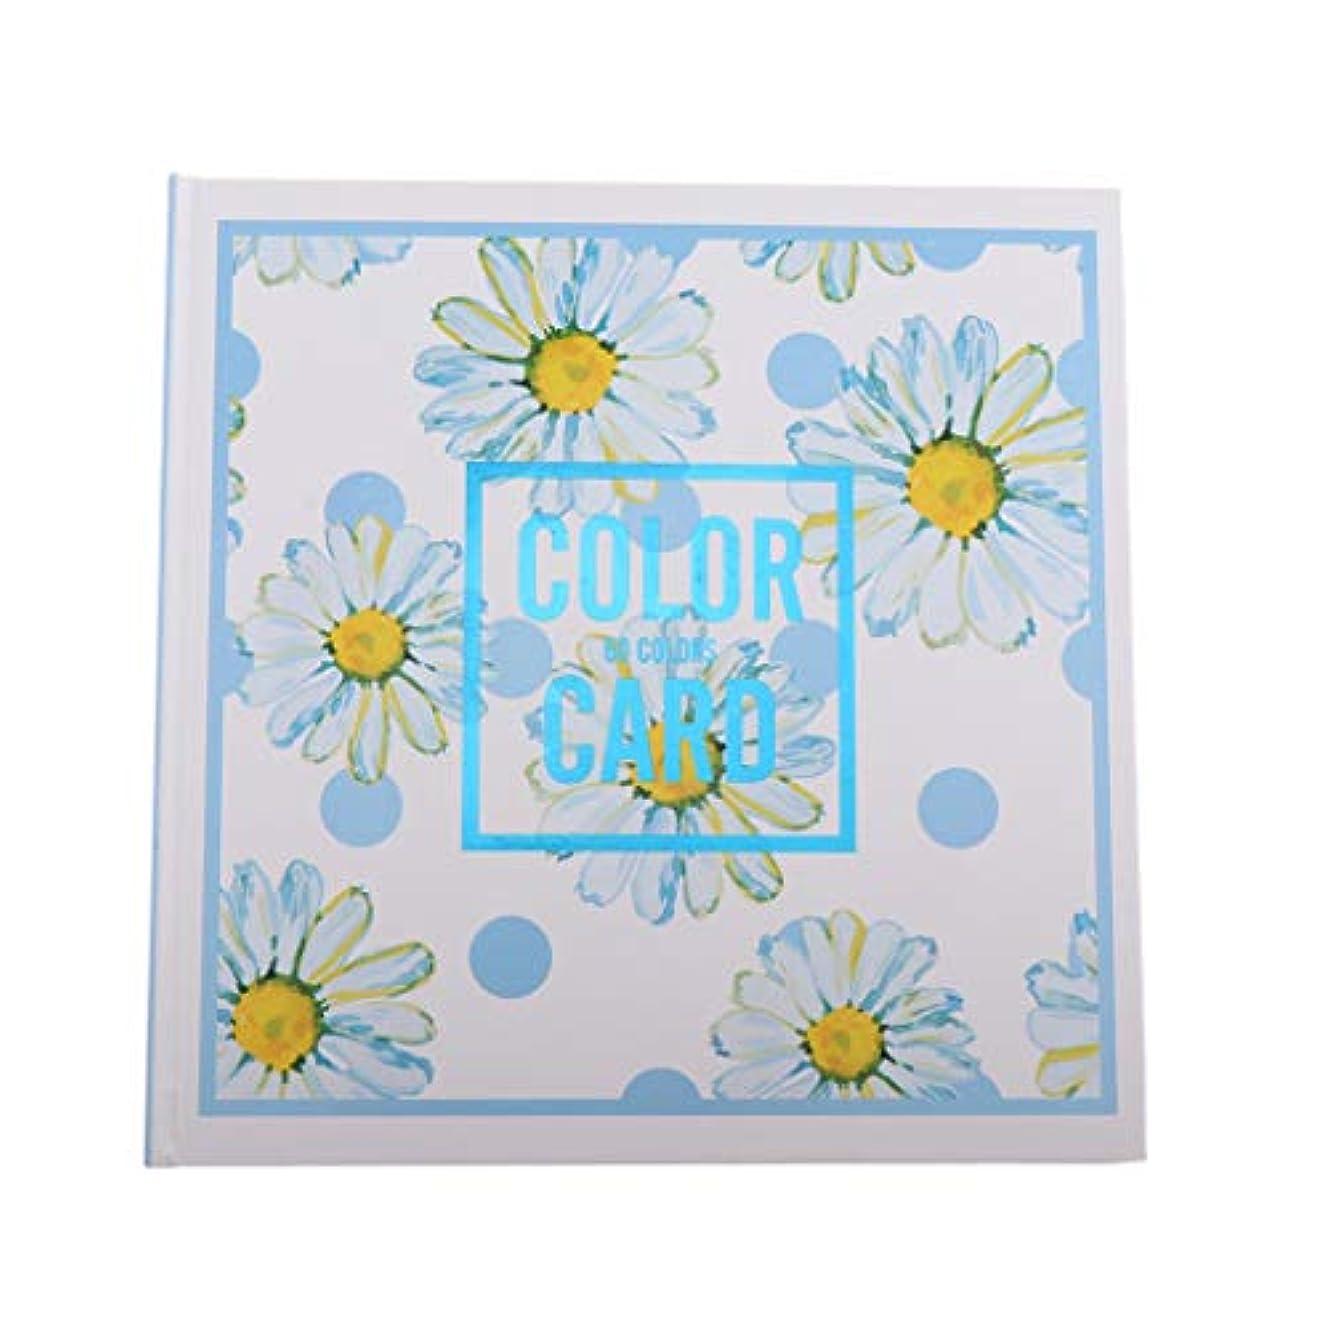 呪い美的誇張するネイルカラーカードブック ネイルポリッシュ表示 ネイルアート色見本 ネイルアート用 折り畳み式 全3種 - 04